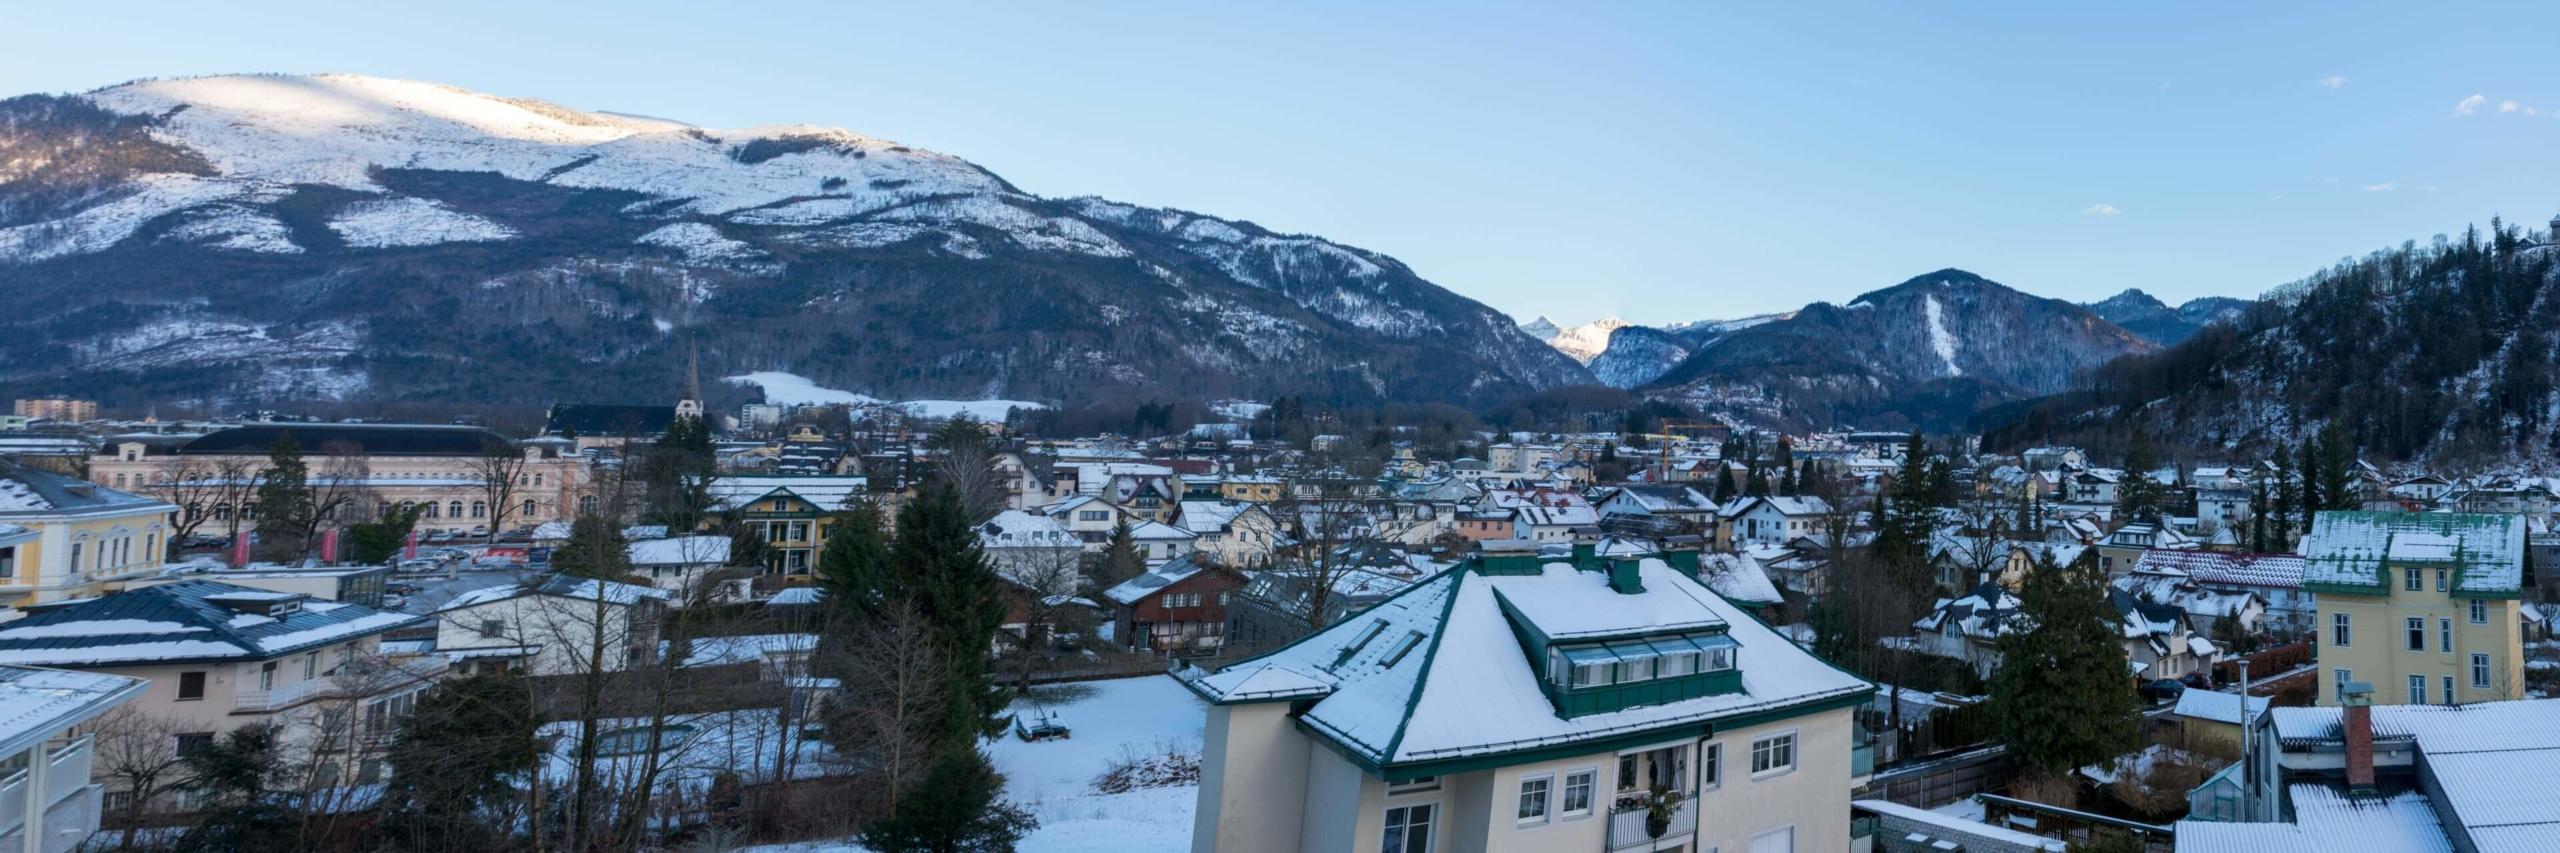 Bad Ischl im Winter Vordergrund Häuser Hintergrund Berge